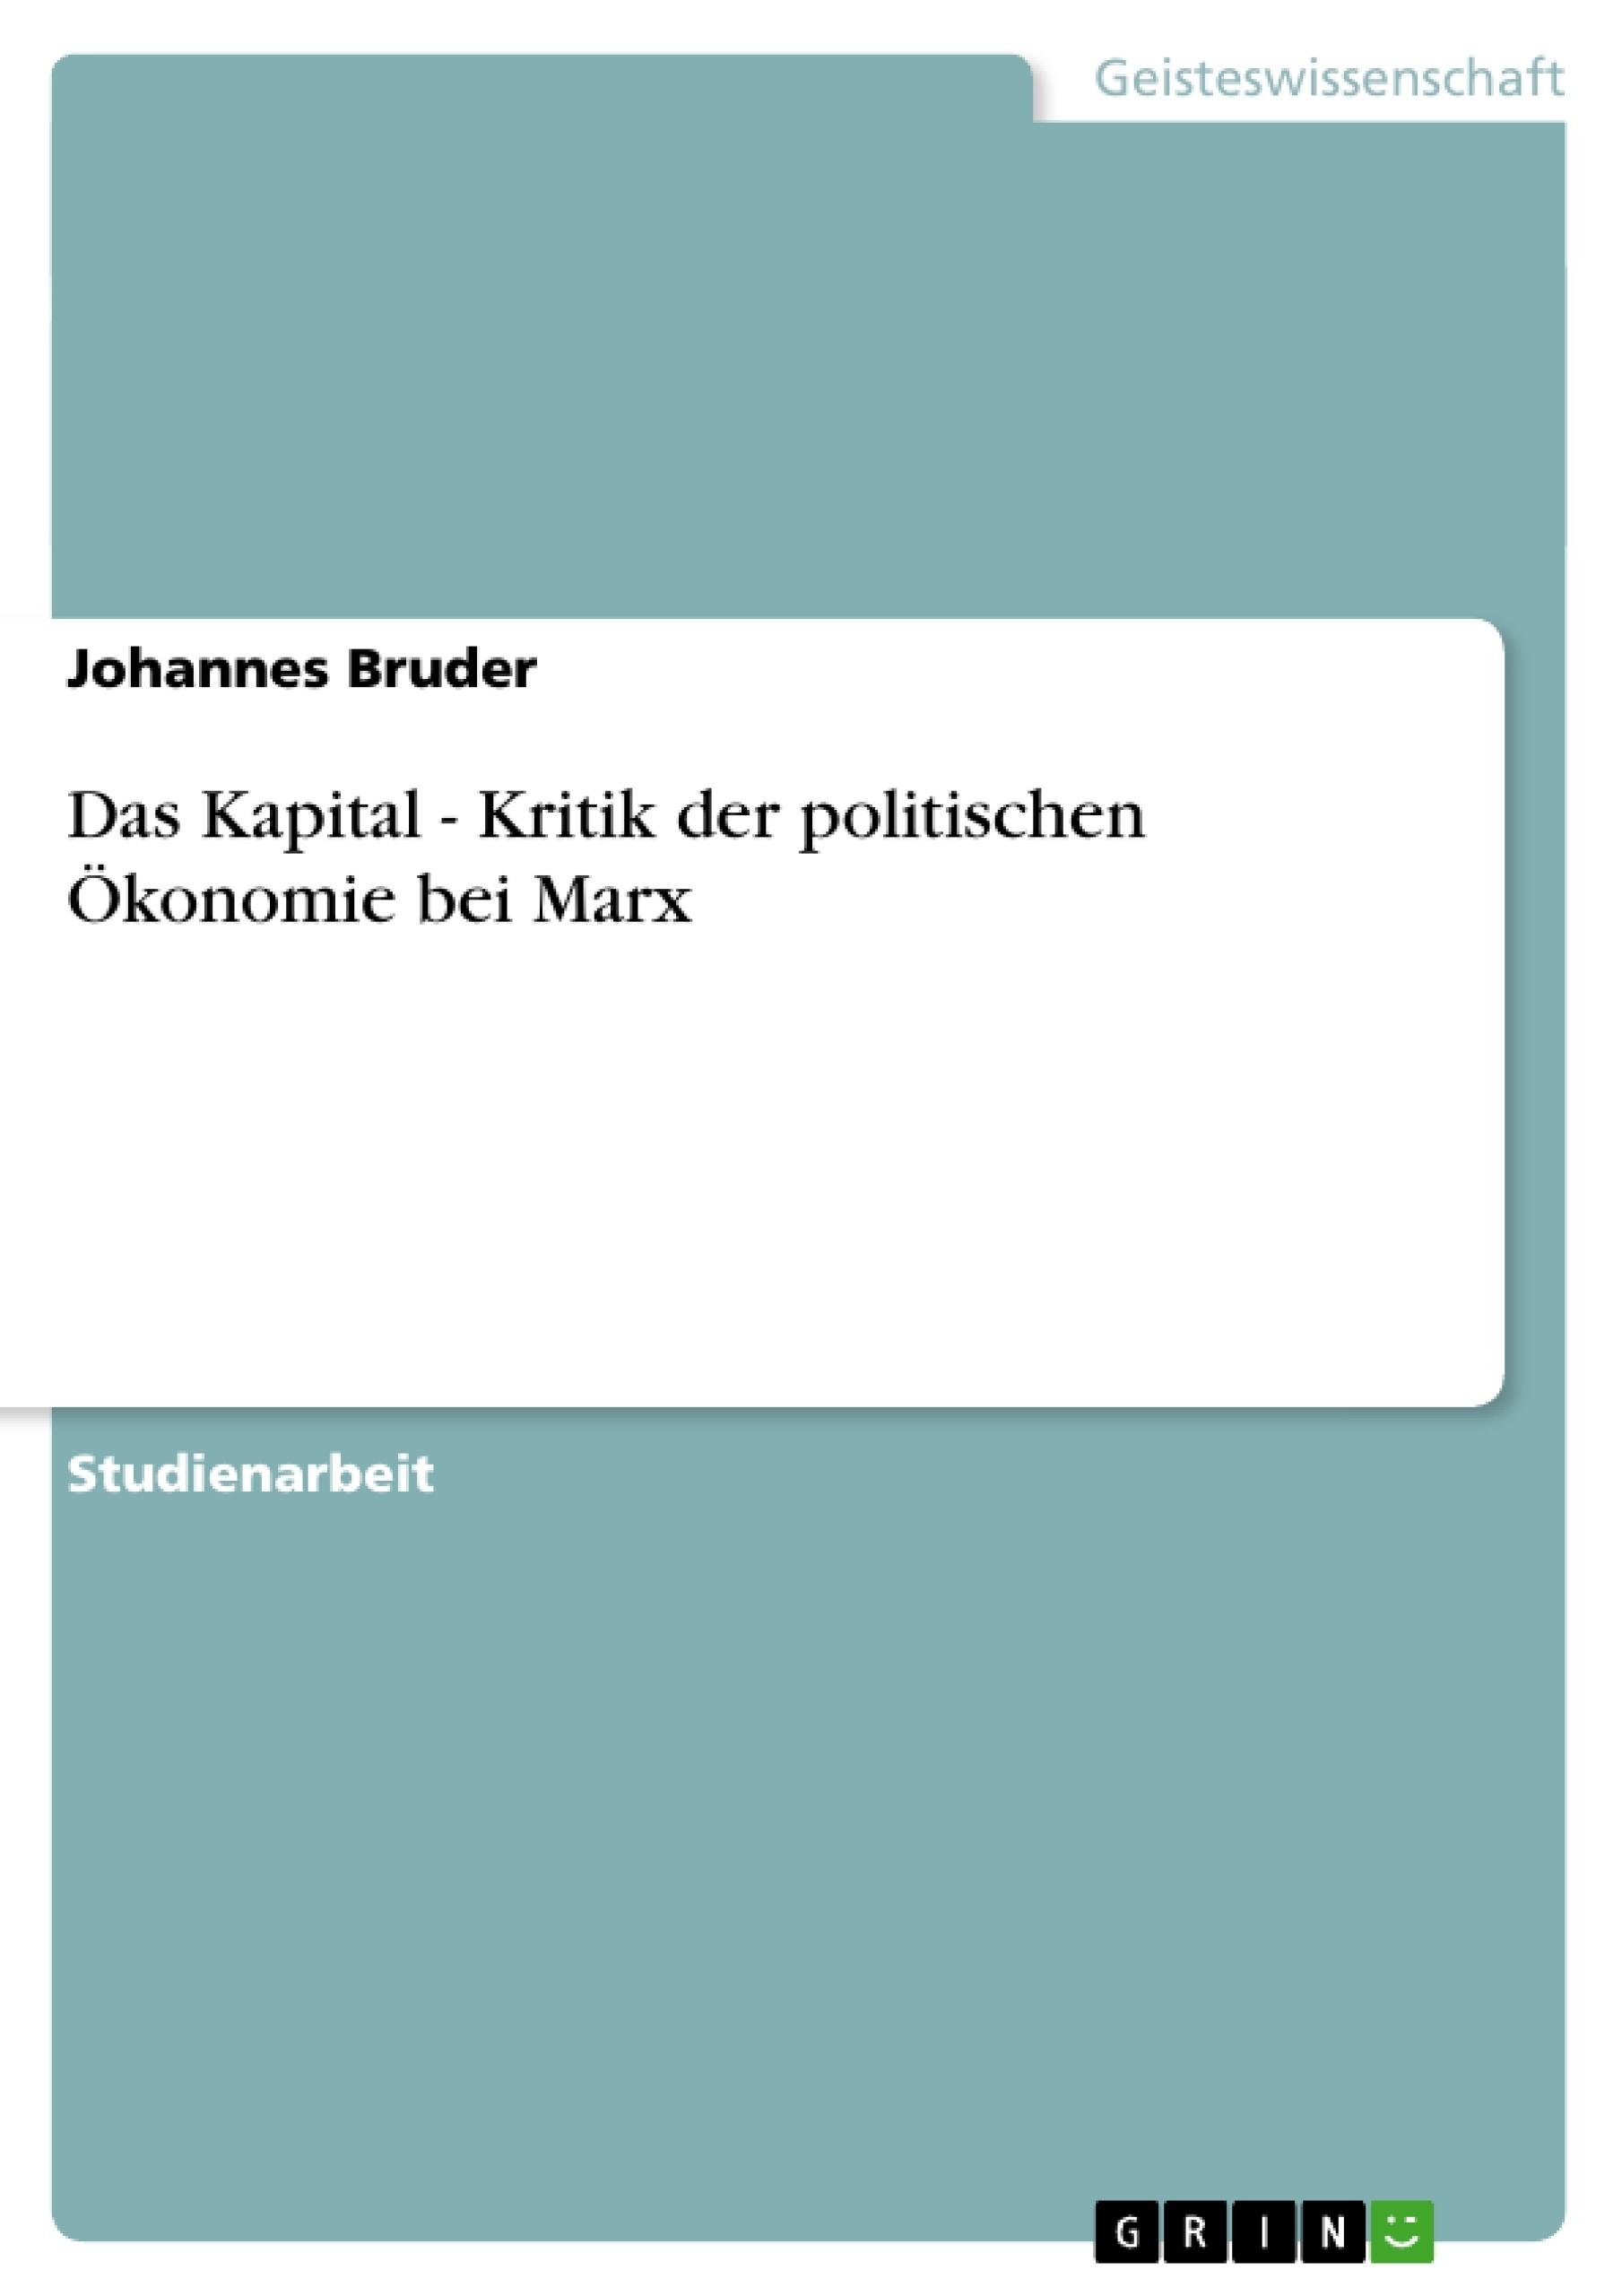 Titel: Das Kapital - Kritik der politischen Ökonomie bei Marx